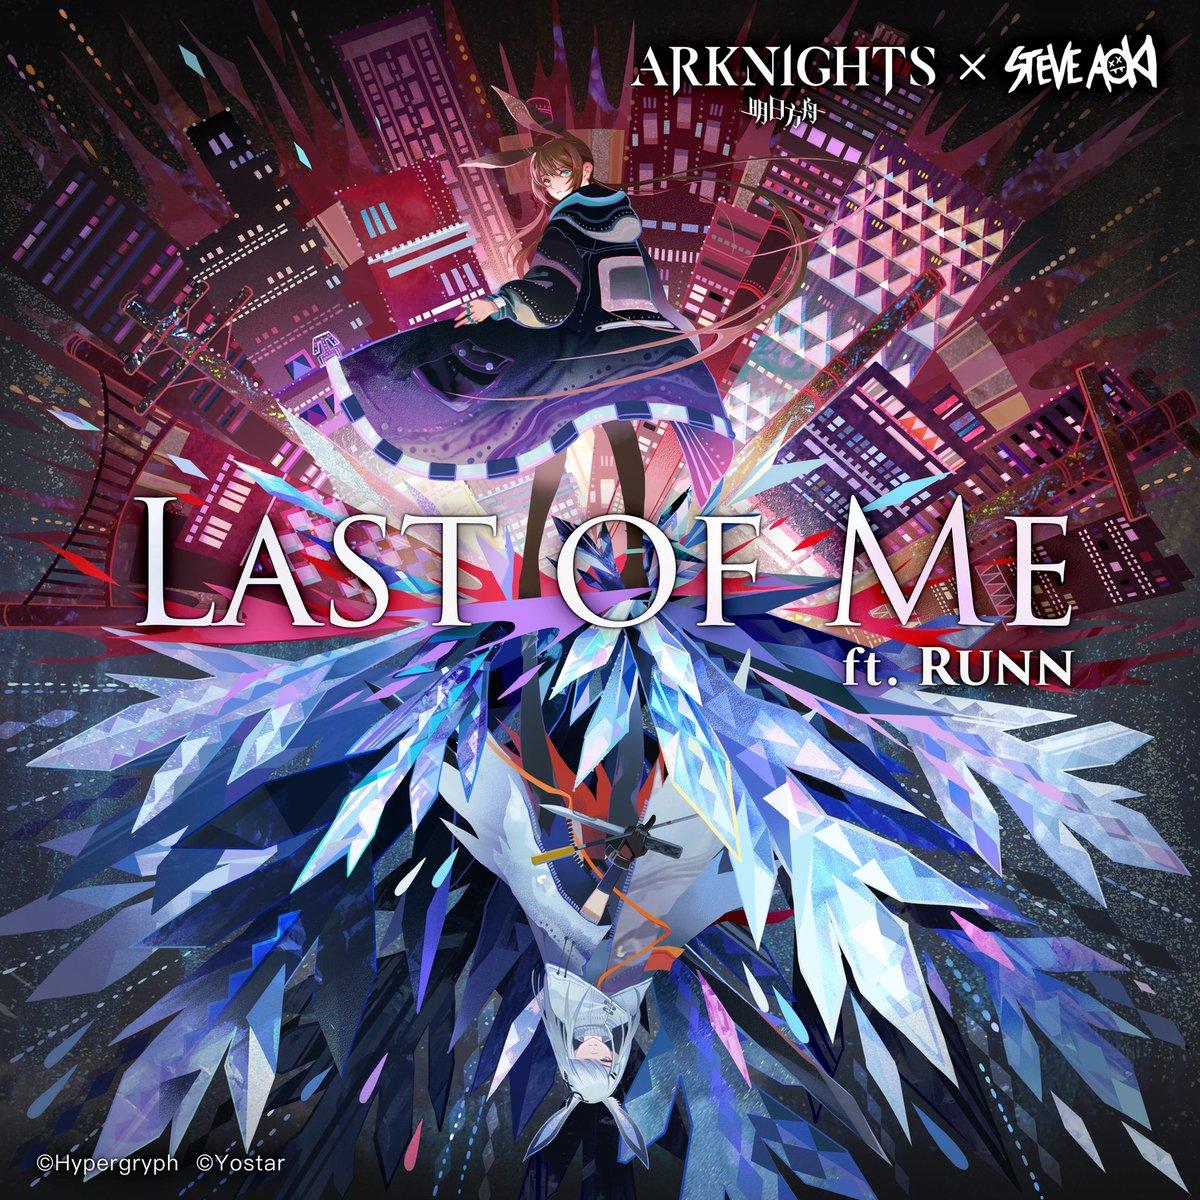 第六章公開を記念し、世界的DJのSteve Aokiさんが手がける、#アークナイツ の世界を彩る楽曲—— 「Last of Me ft. RUNN」が配信中! ぜひお聞きください! @steveaokiさん、@_watchmerunnさん、素敵な音楽をありがとうございます! ▼配信URL ffm.to/lastofme #Arknights #steveaoki